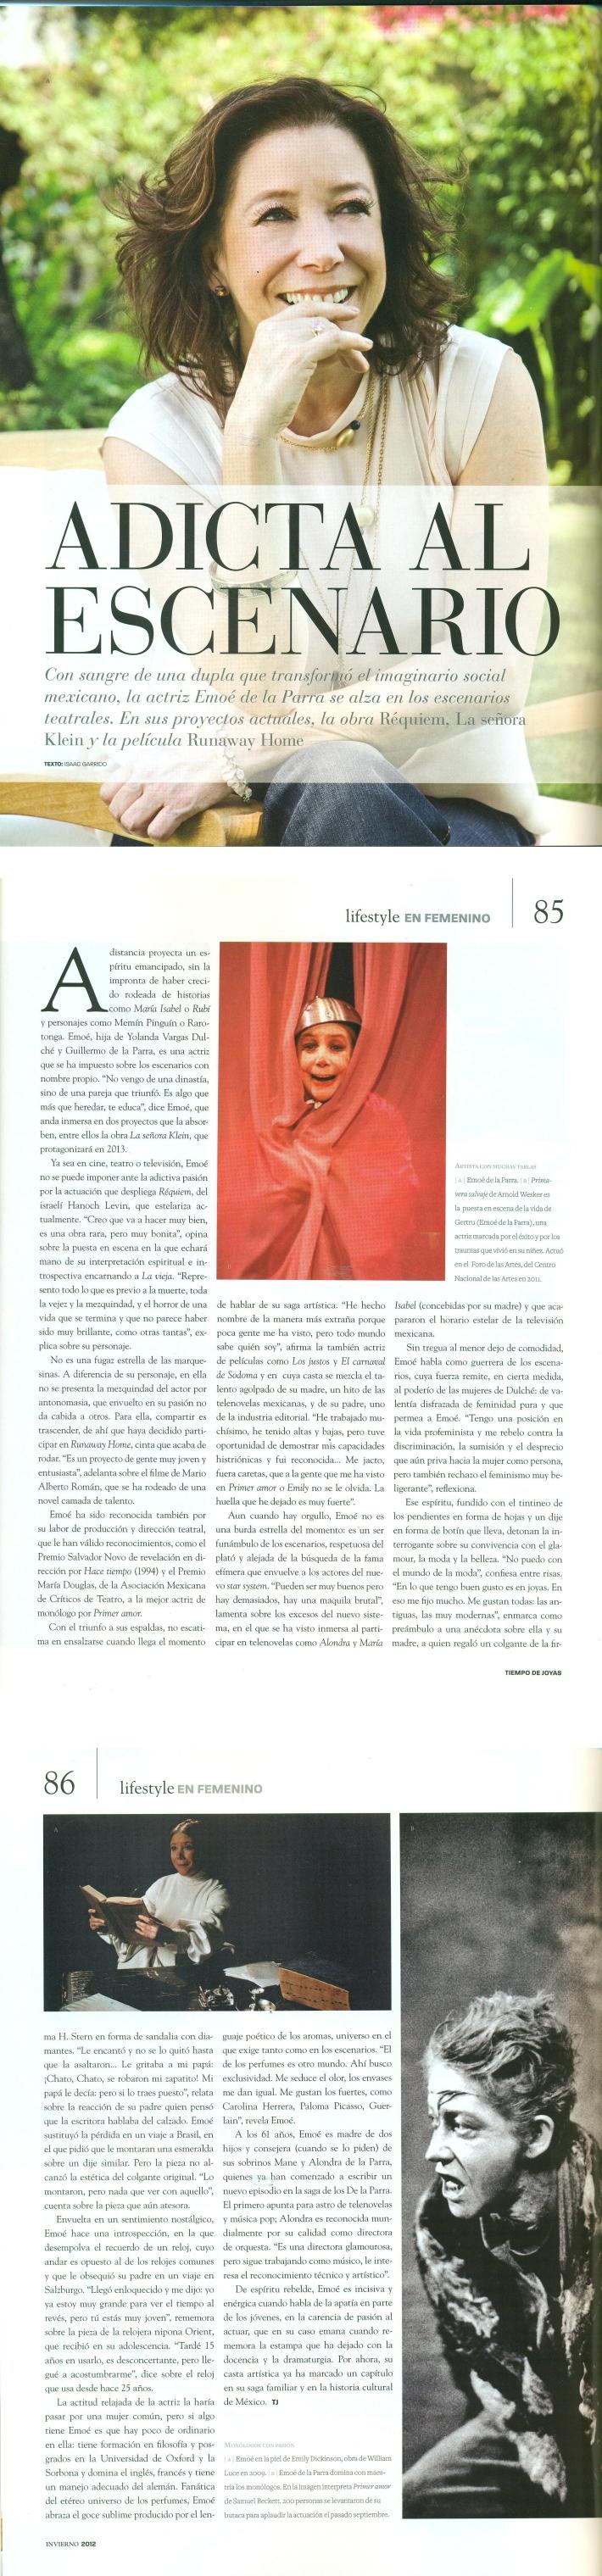 Emoé de la Parra, actriz y directora